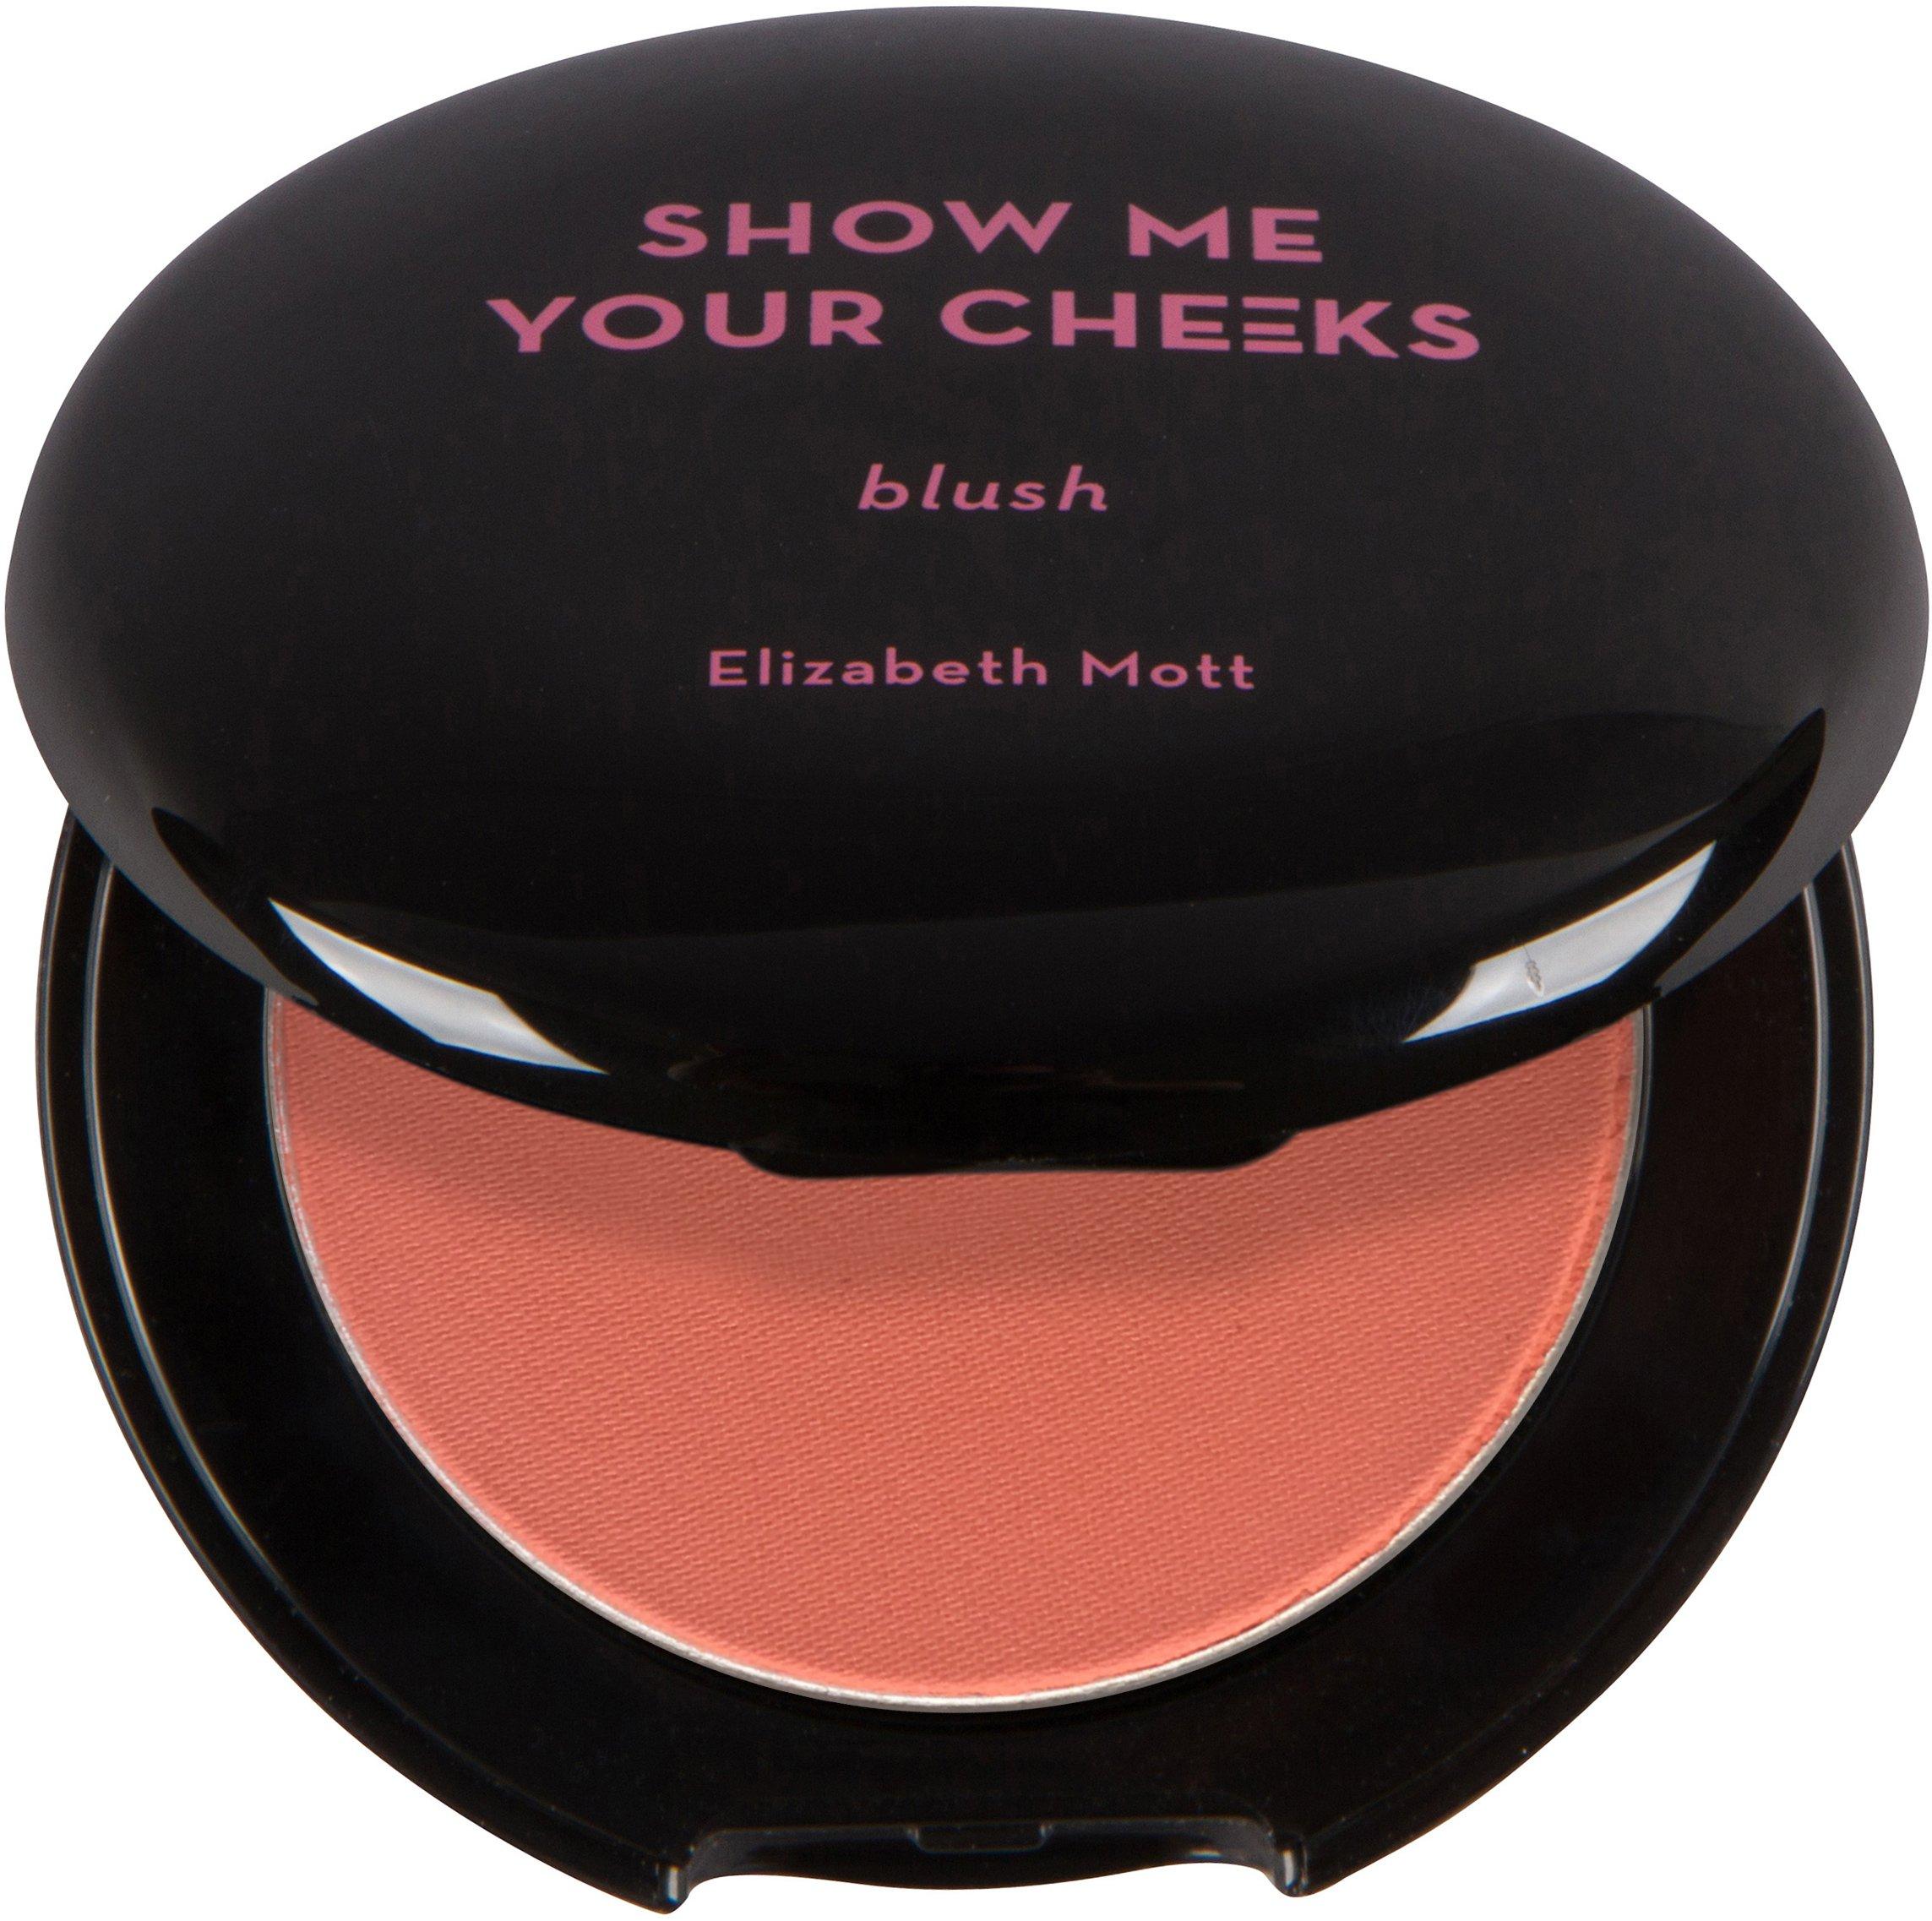 Natural Glow Powder Blush Makeup